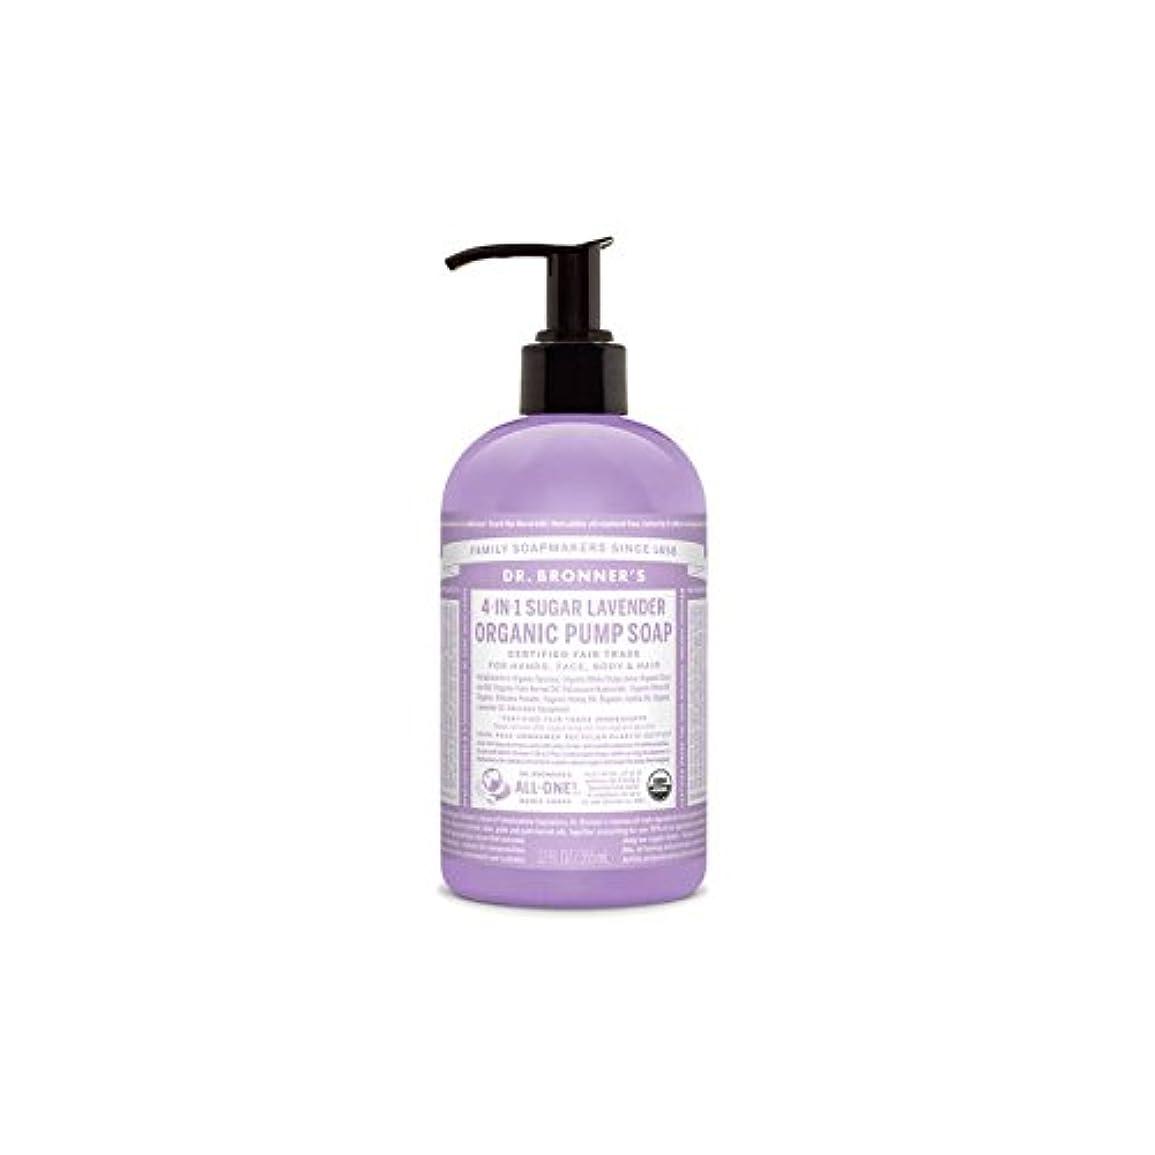 ポーズ筋肉の定義するブロナー有機ラベンダーハンドソープ(355ミリリットル) x2 - Dr. Bronner Organic Shikakai Lavender Hand Soap (355ml) (Pack of 2) [並行輸入品]